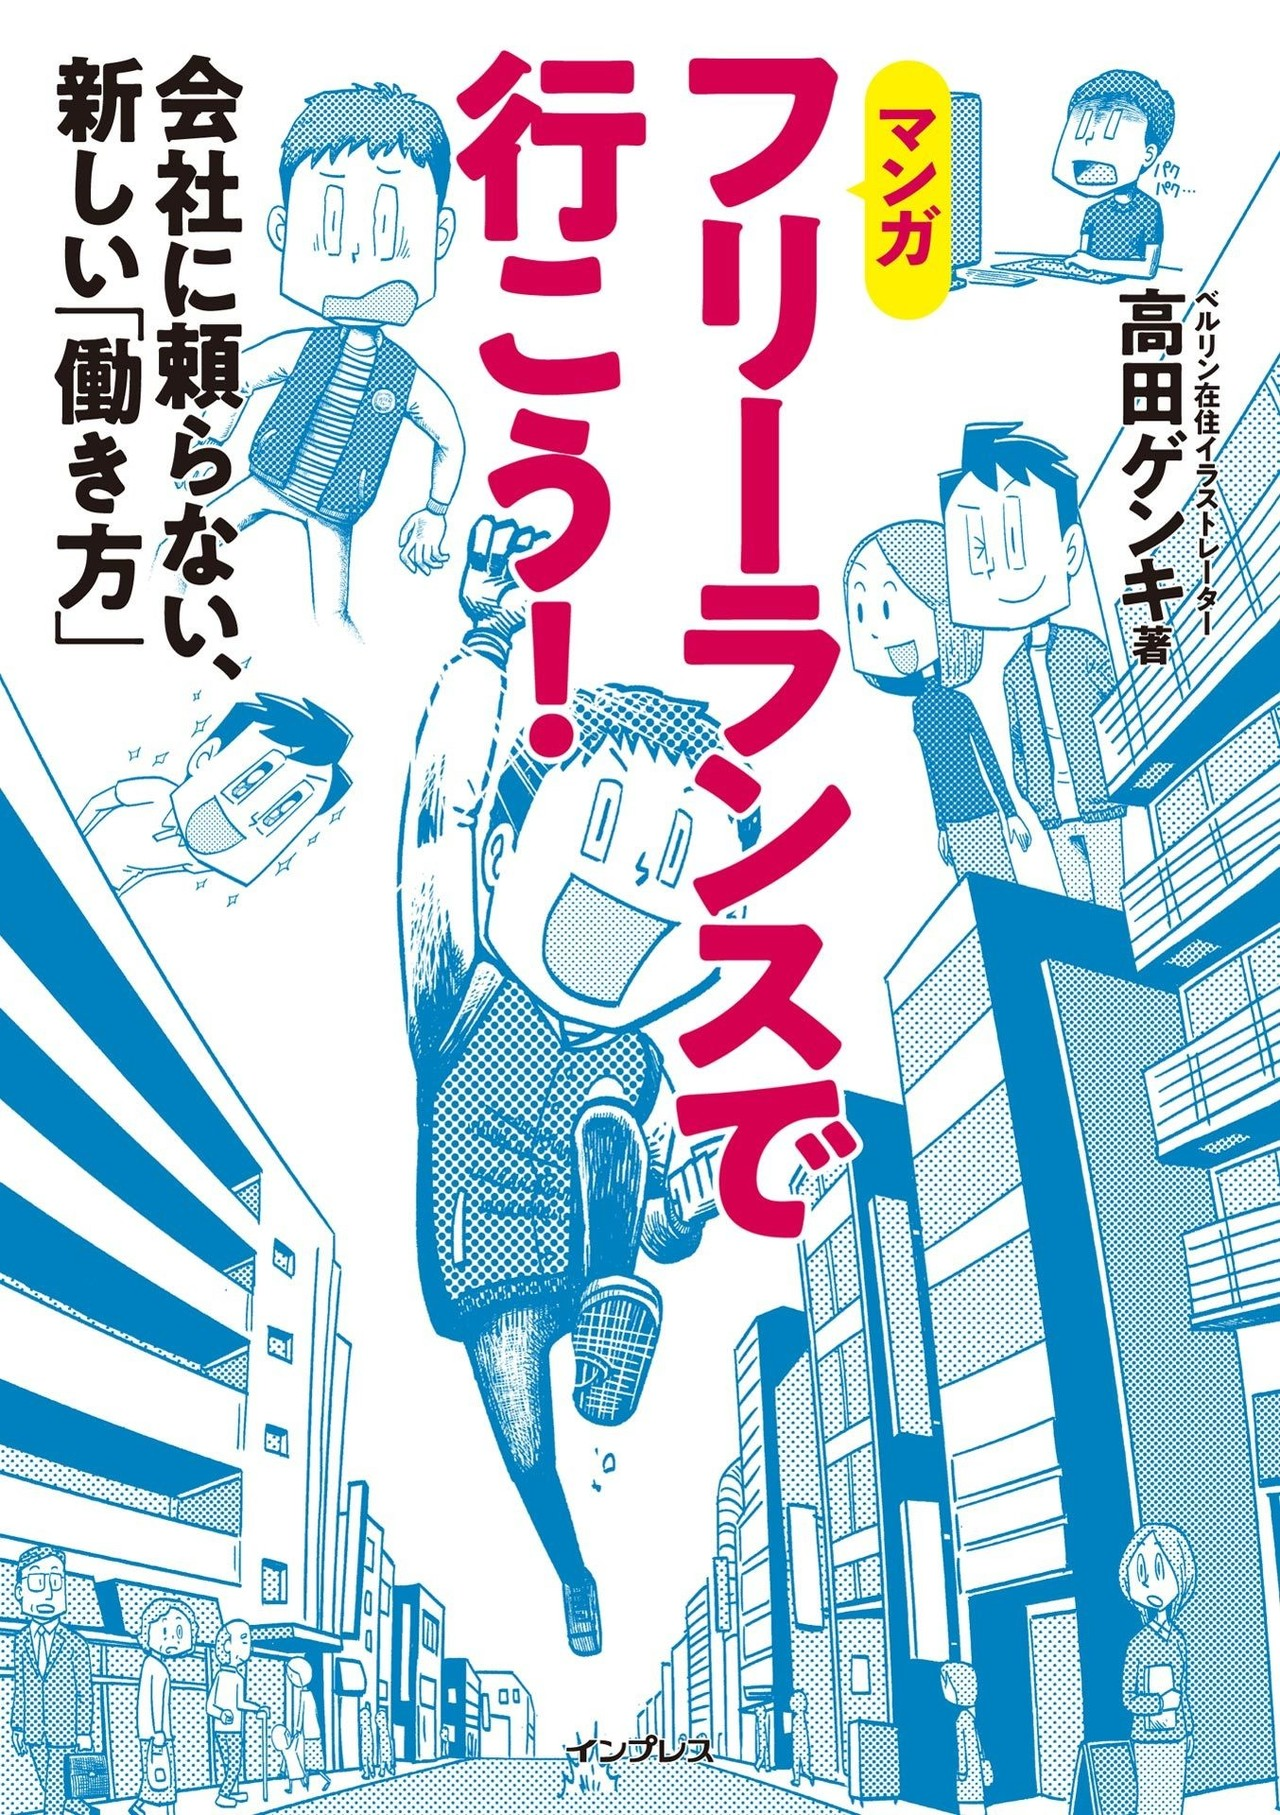 【発売1周年記念】 漫画 『フリーランスで行こう!』 2章まで全ページ無料公開! マンガ